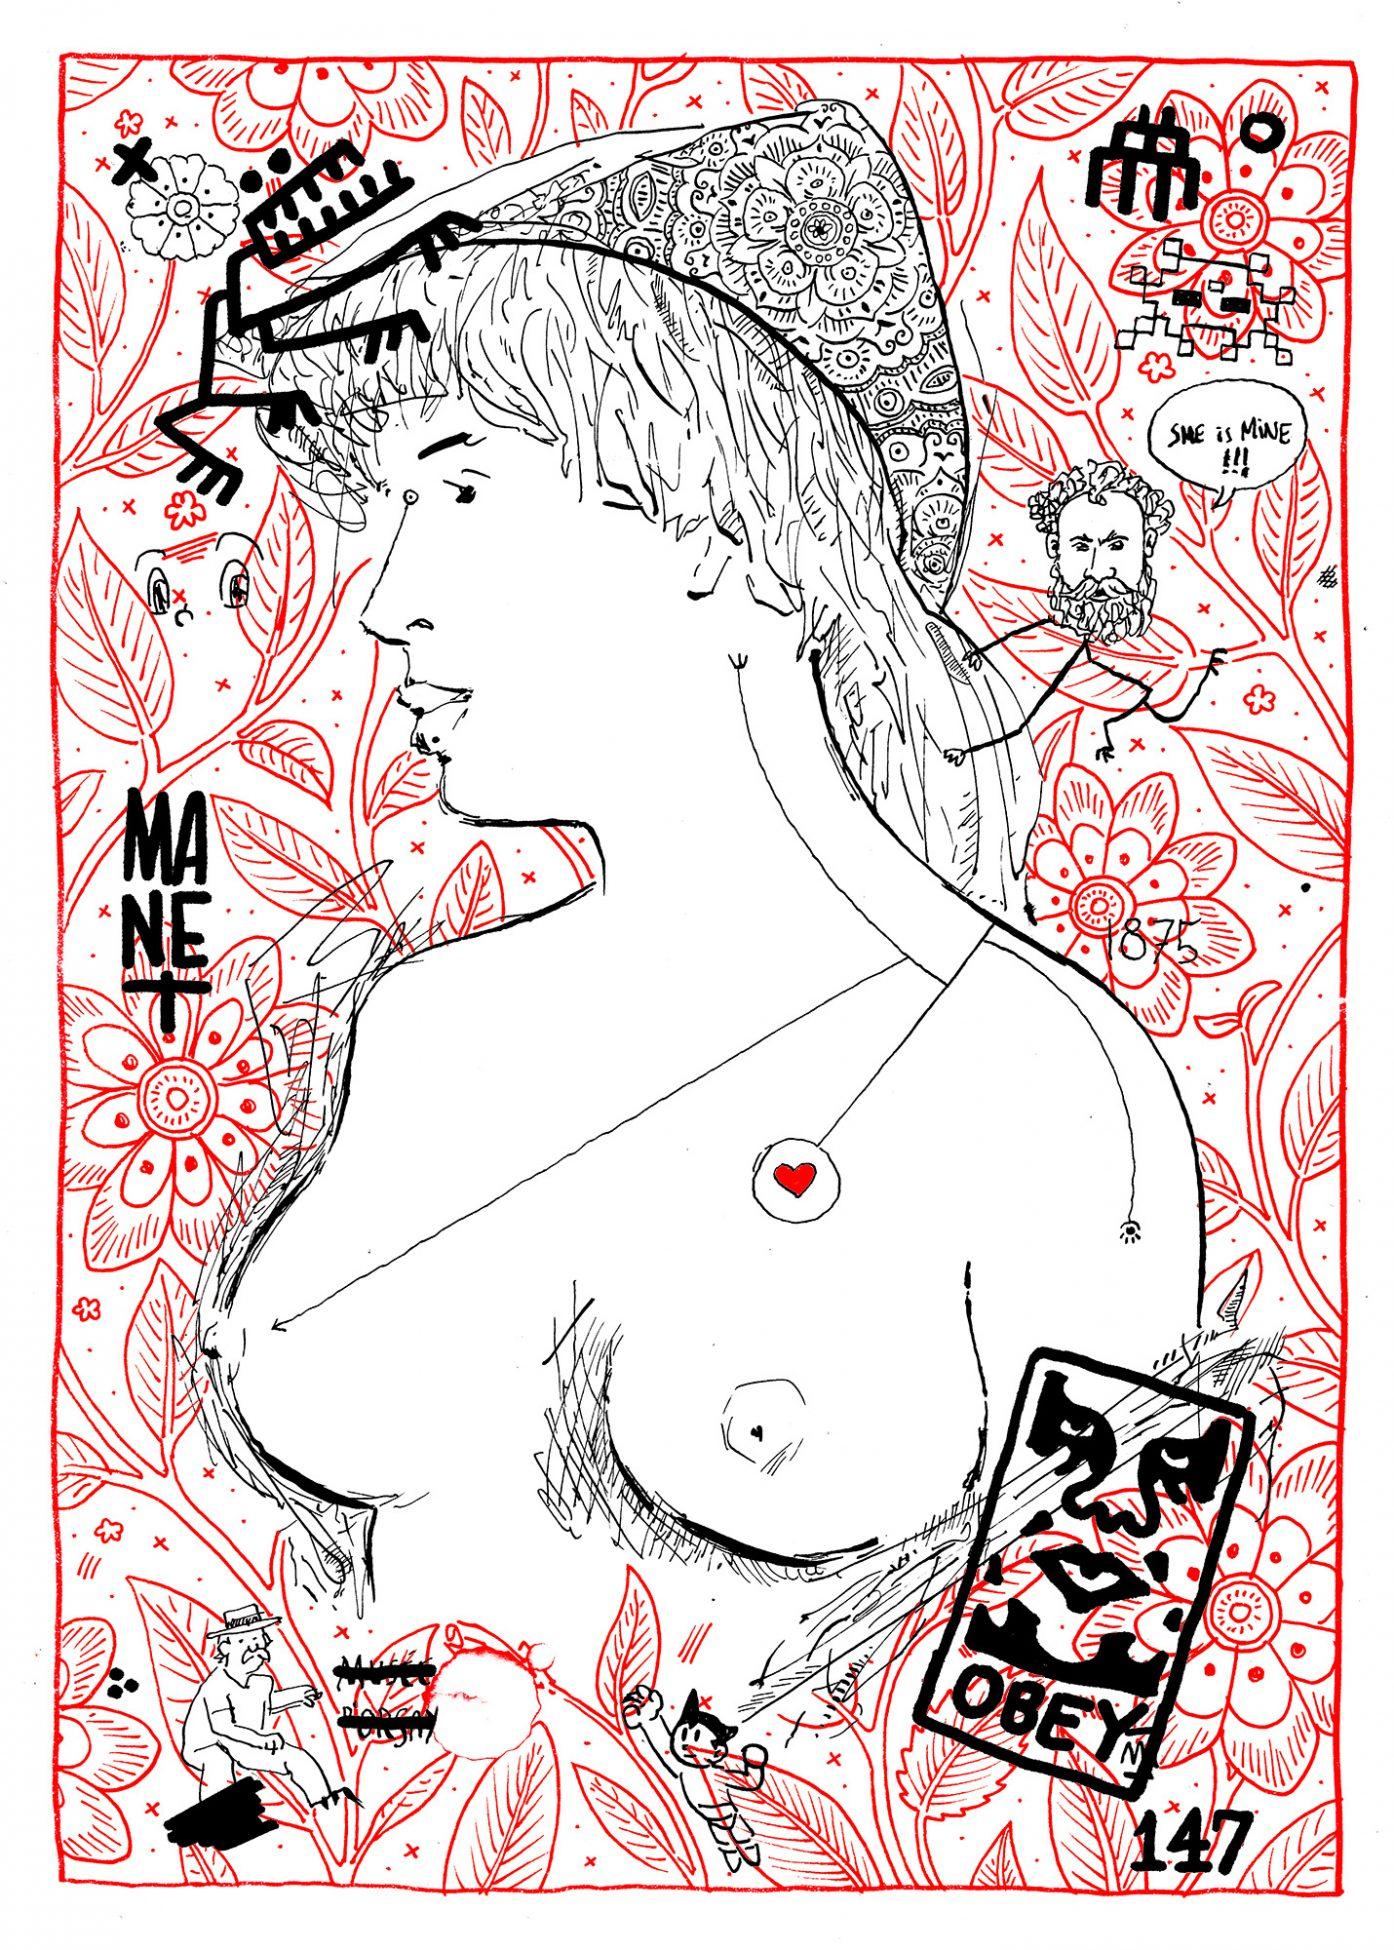 Remezcla (mashup) de la pintura del artista Manet la rubia de los senos desnudos. Obey y varios mamarrachitos más. Dibujo, ilustración, art remixes. Arte Urbano